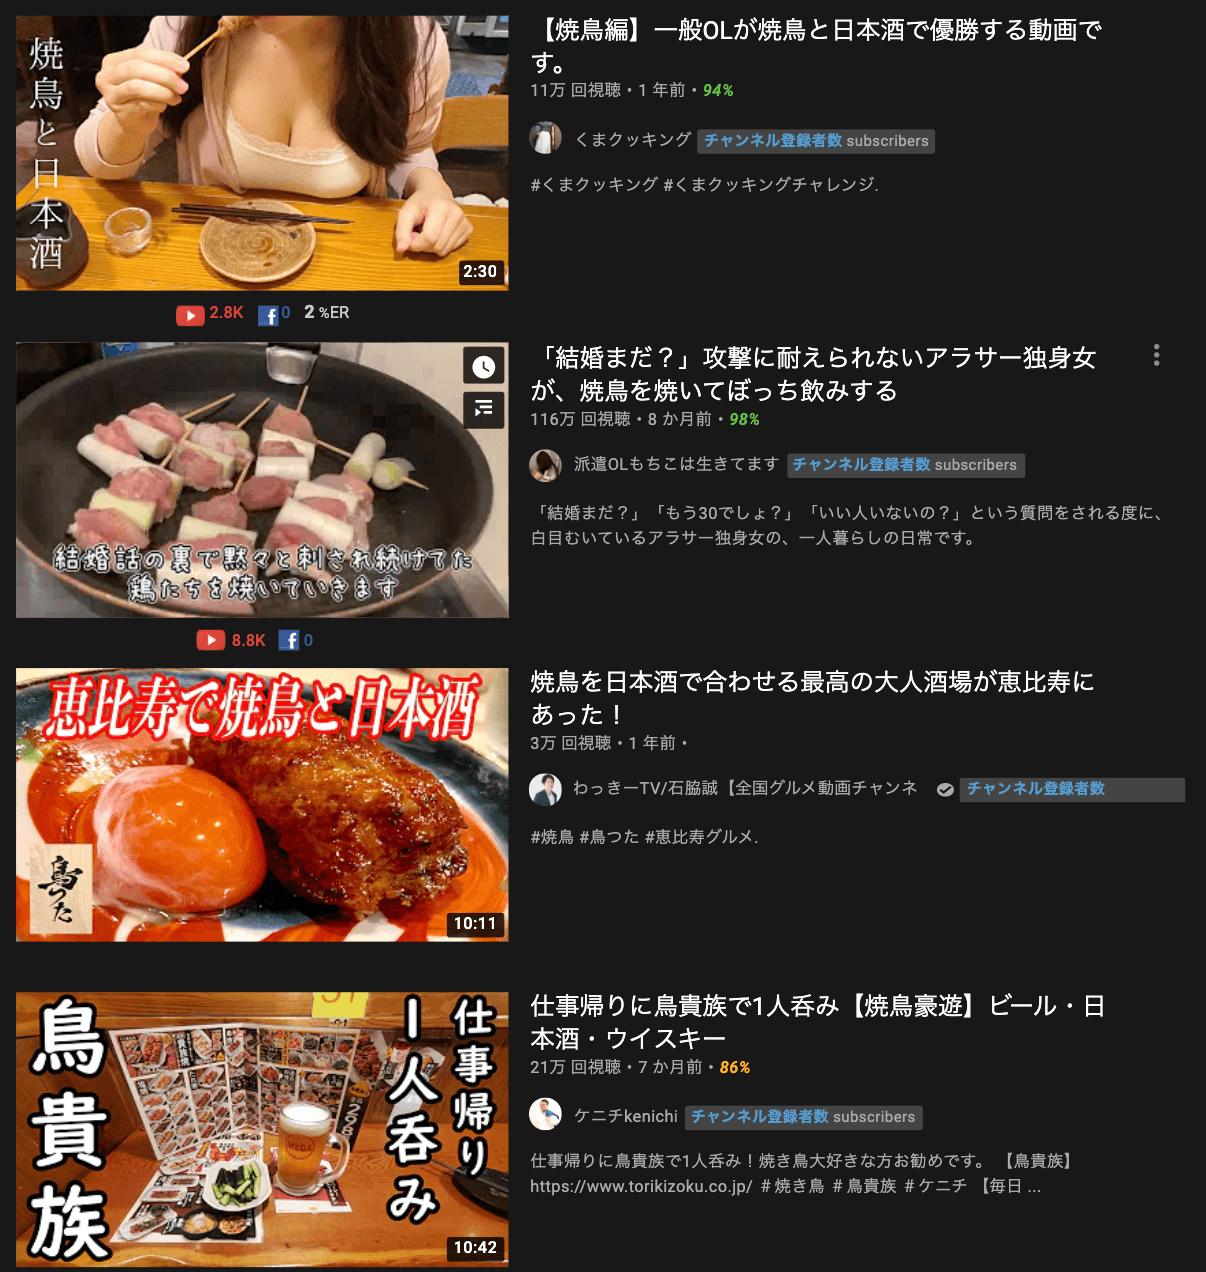 youtube- Eye-catching thumbnails